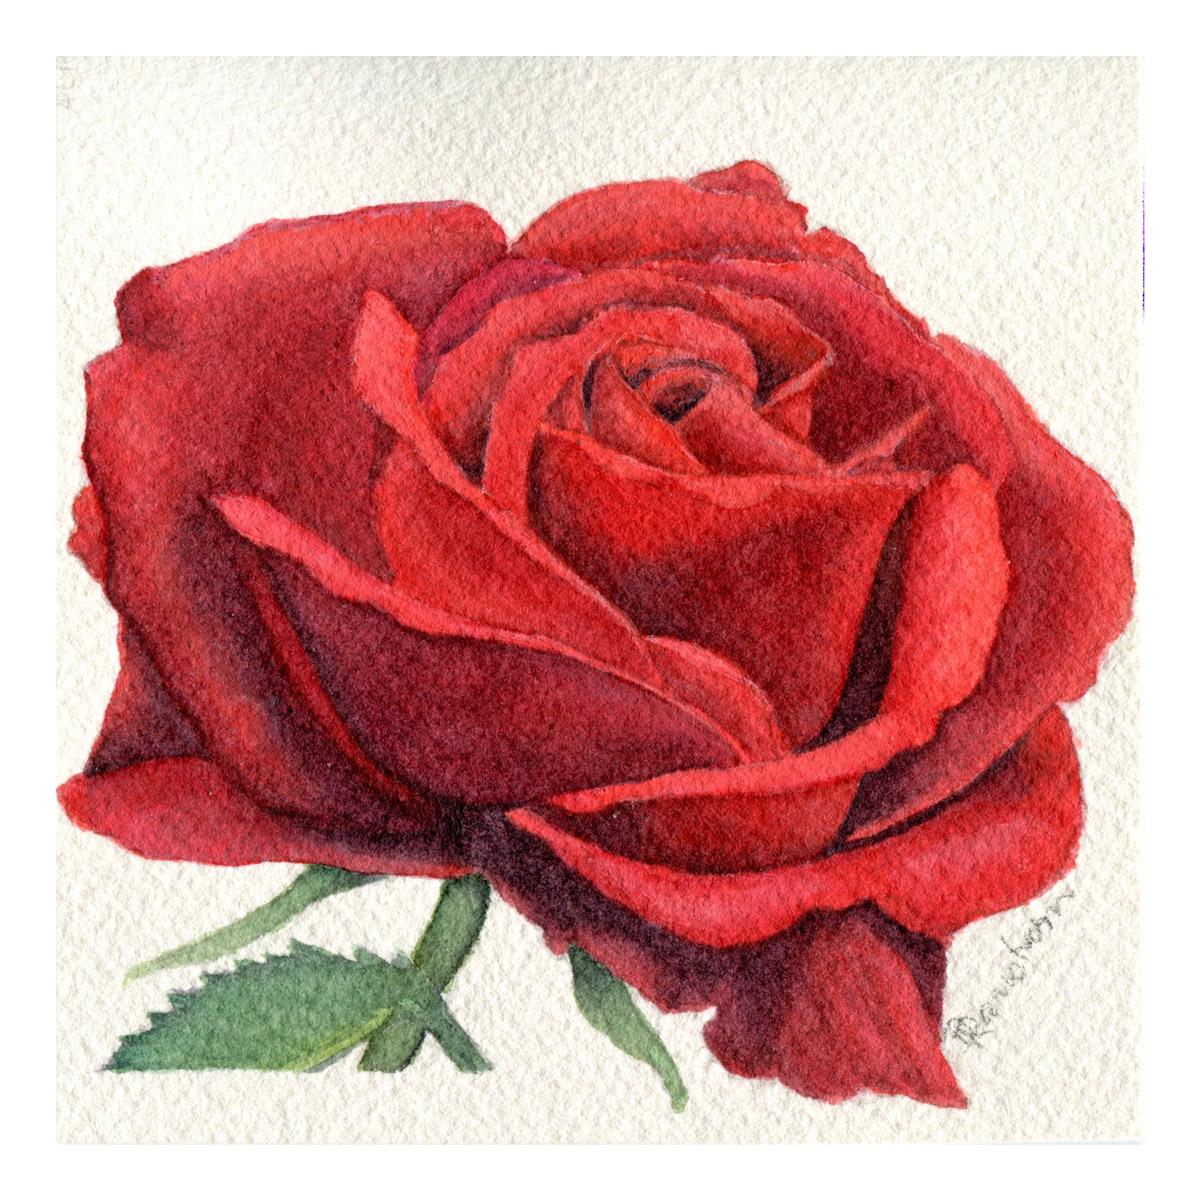 Red rose watercolor mini